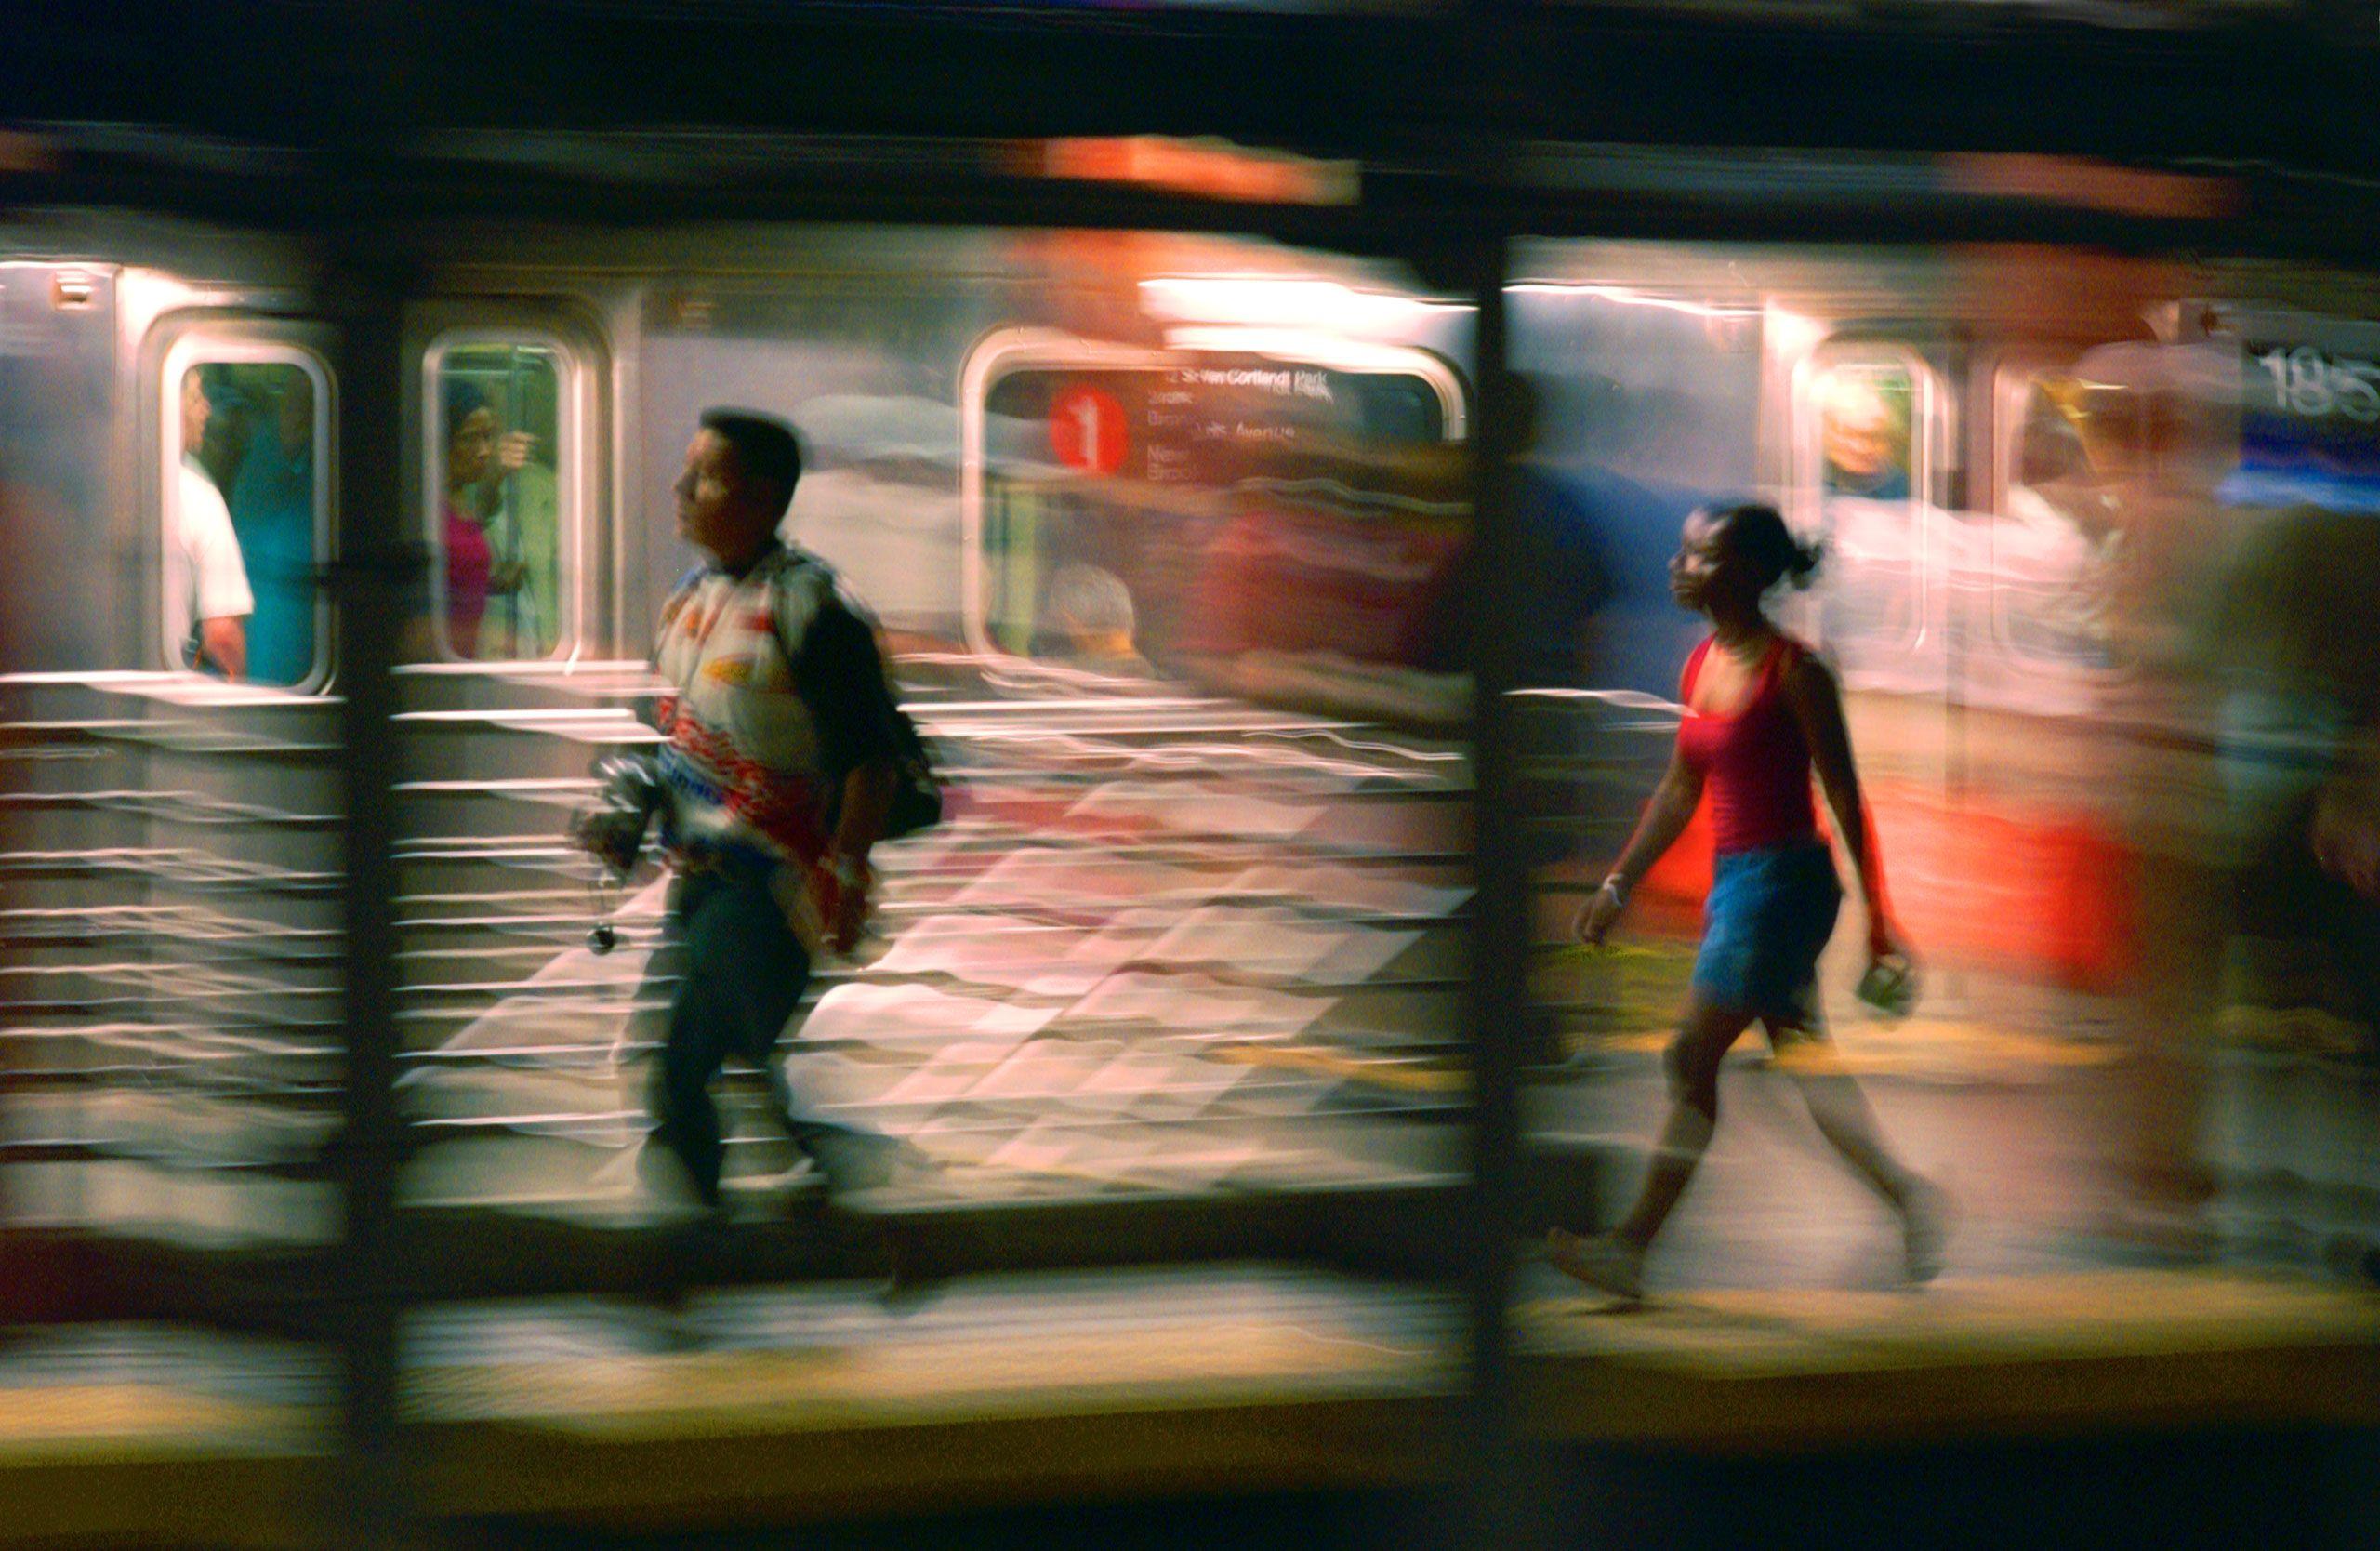 cw_ny_subway2.jpg